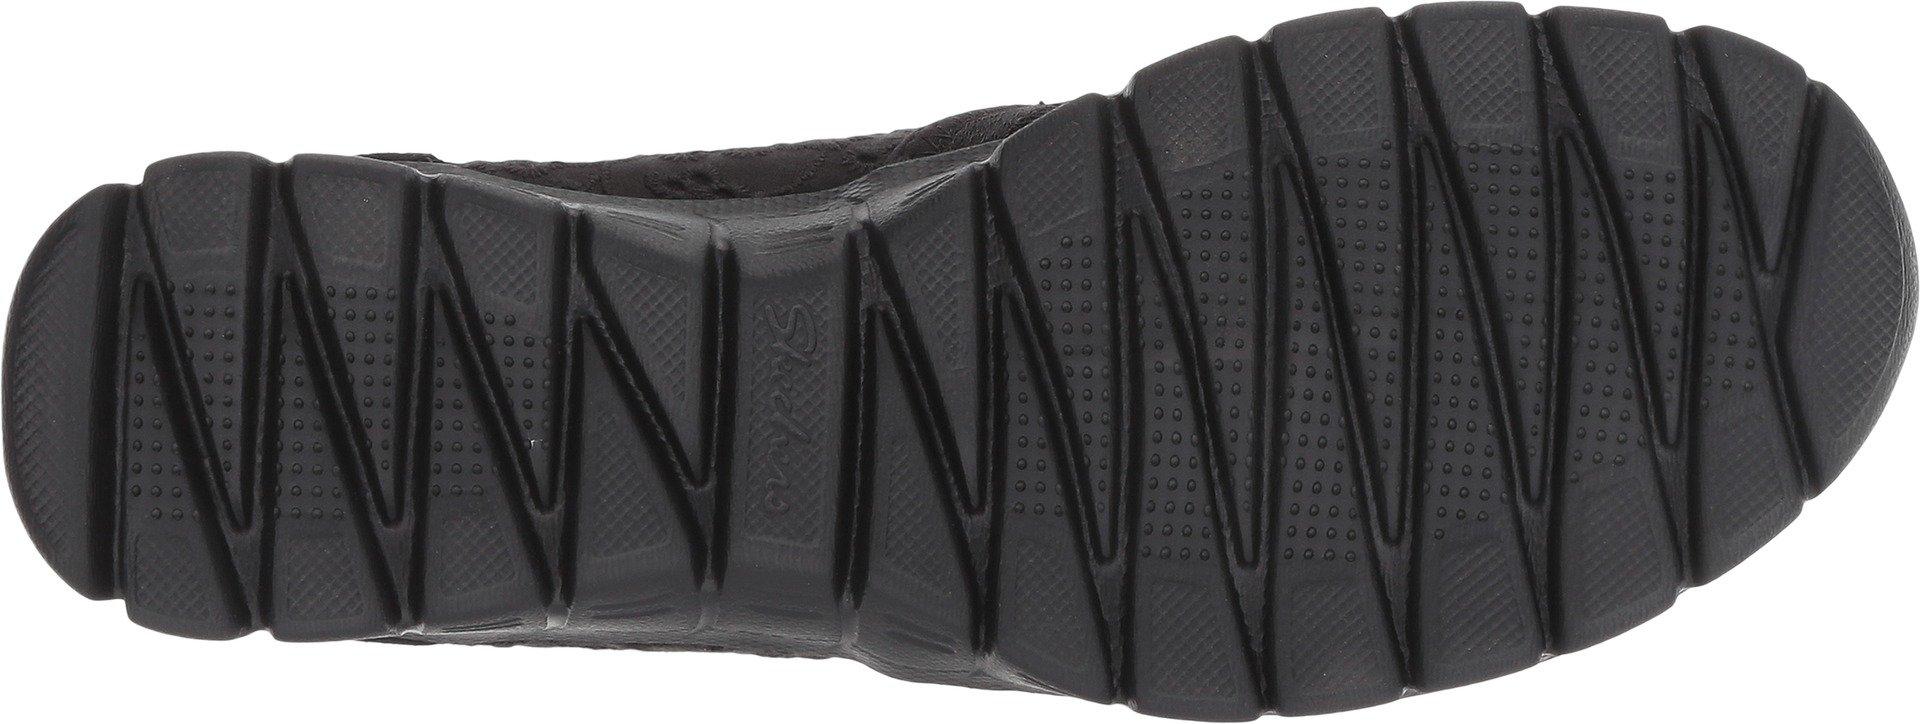 Skechers Ez Flex 3.0 Kindred Spirit Womens Slip On Sneakers,Black,9 by Skechers (Image #3)